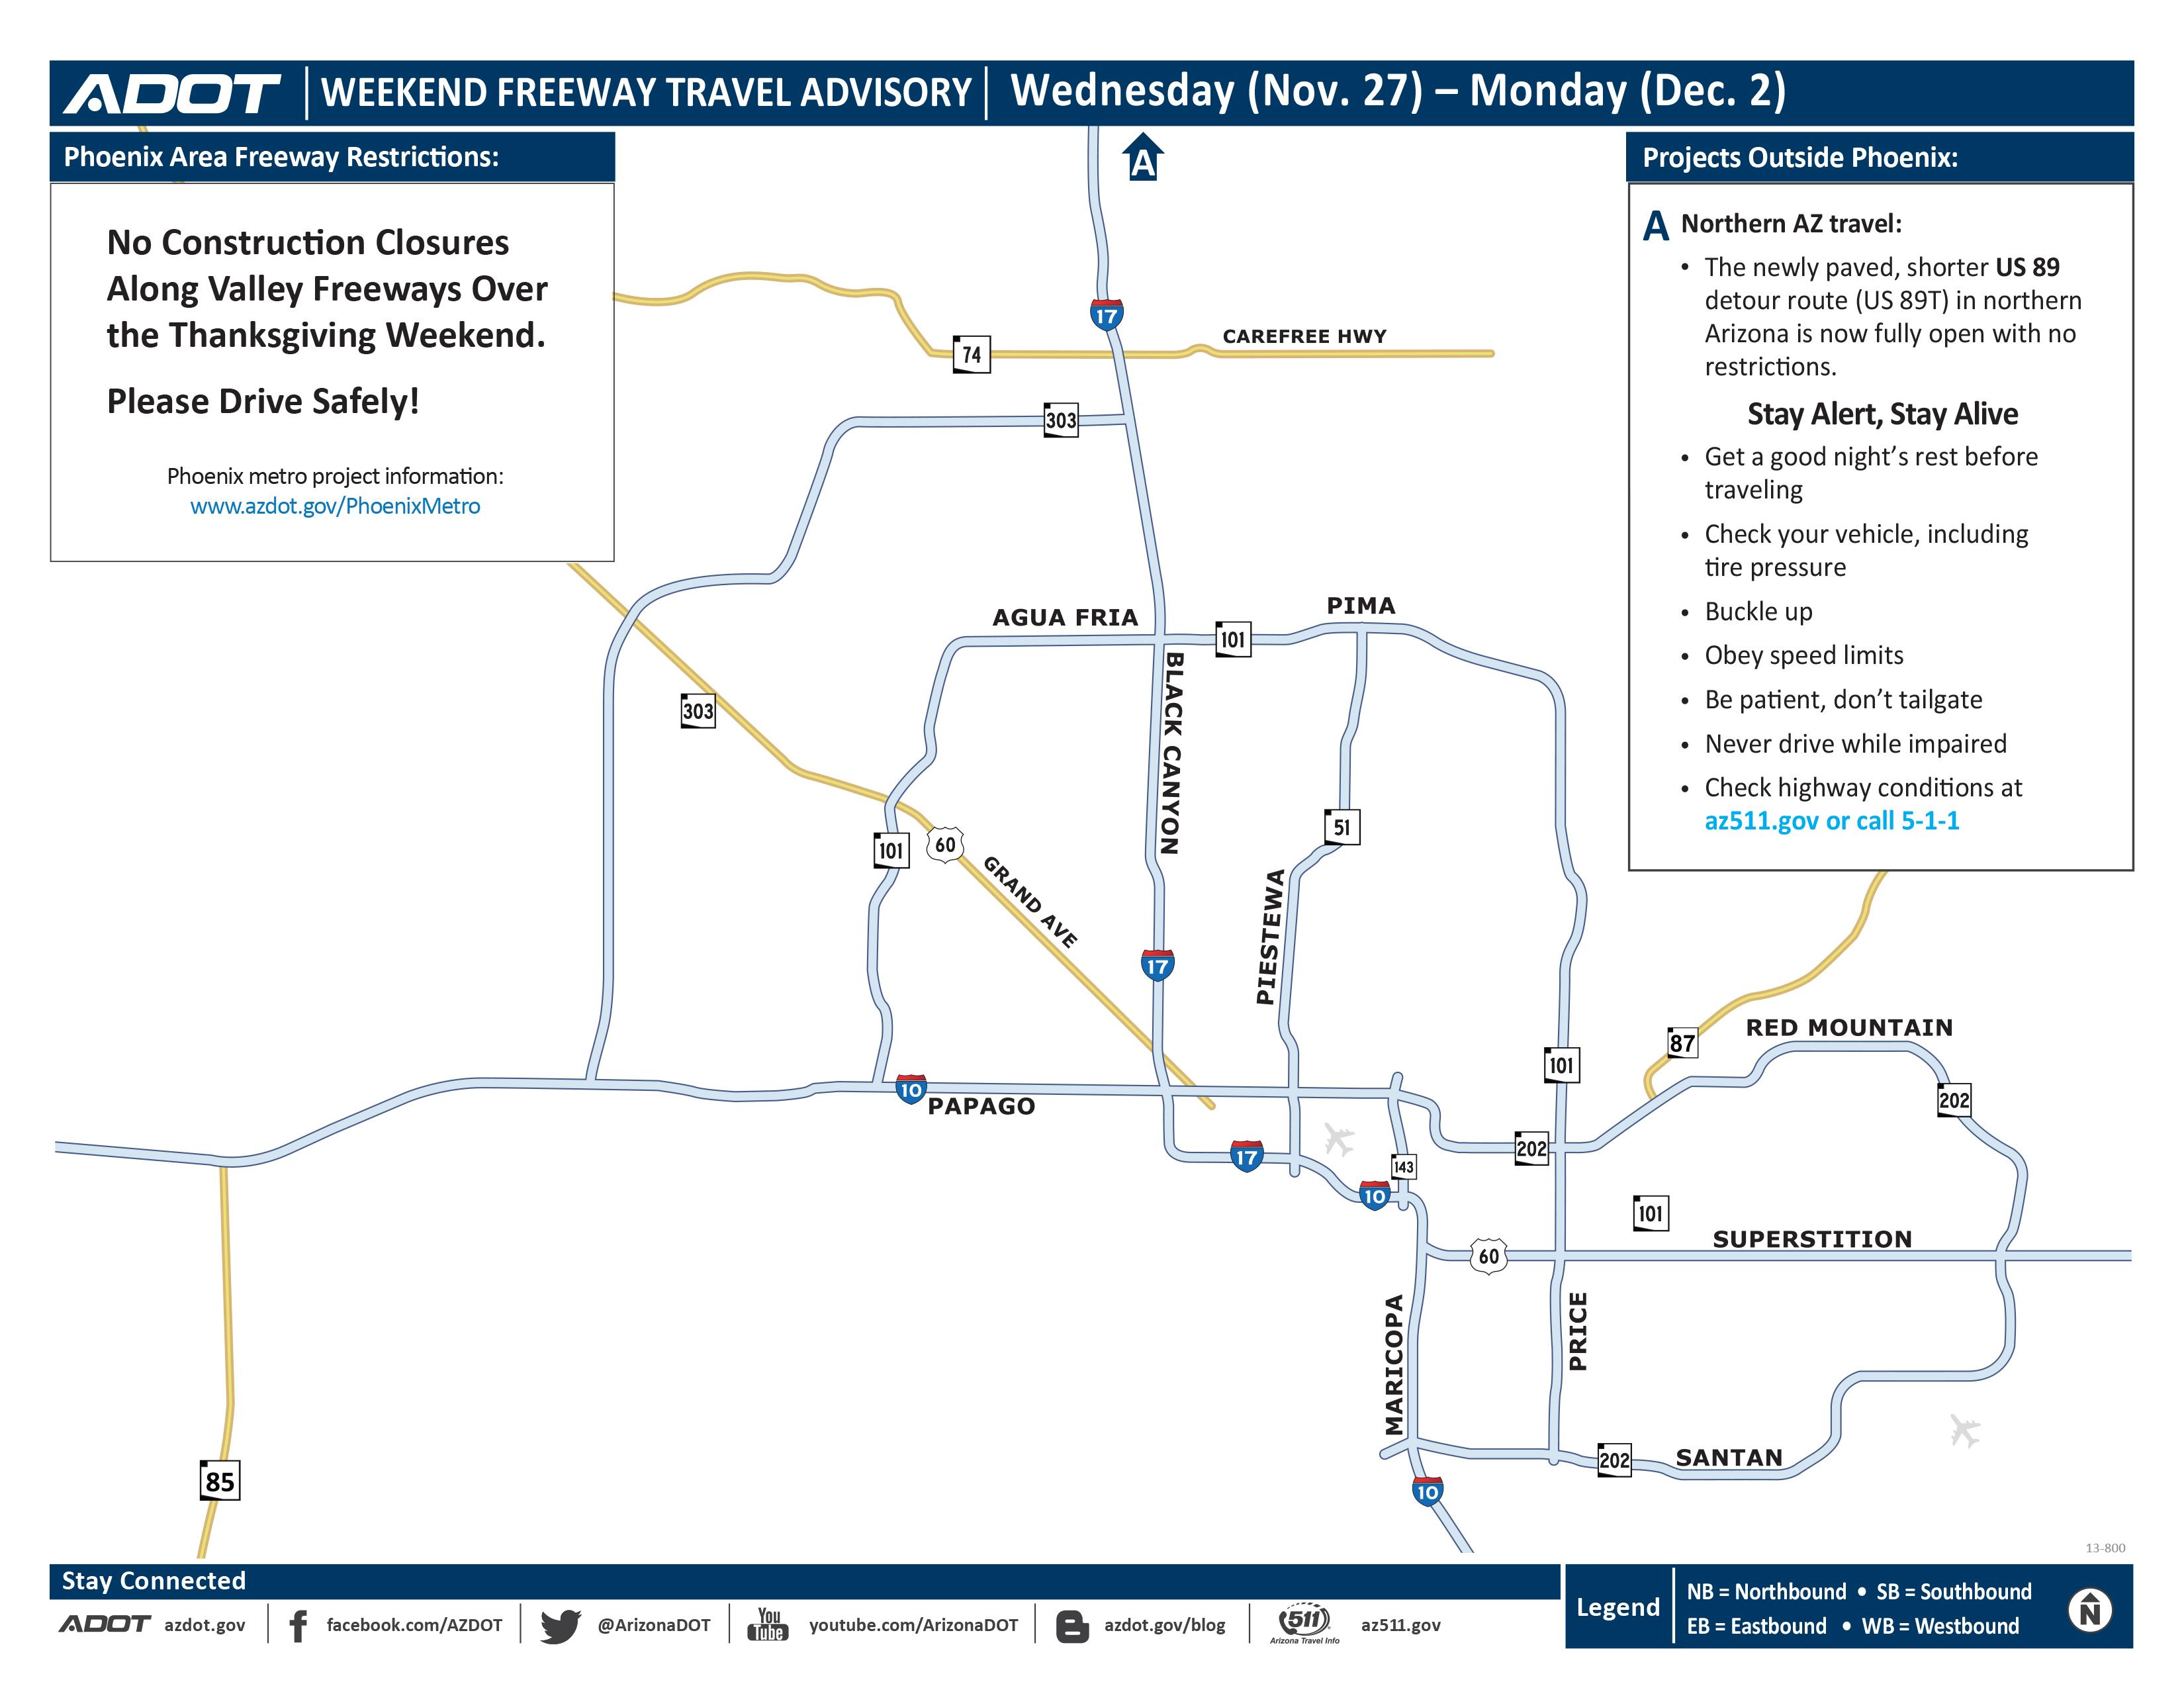 Holiday road closure map